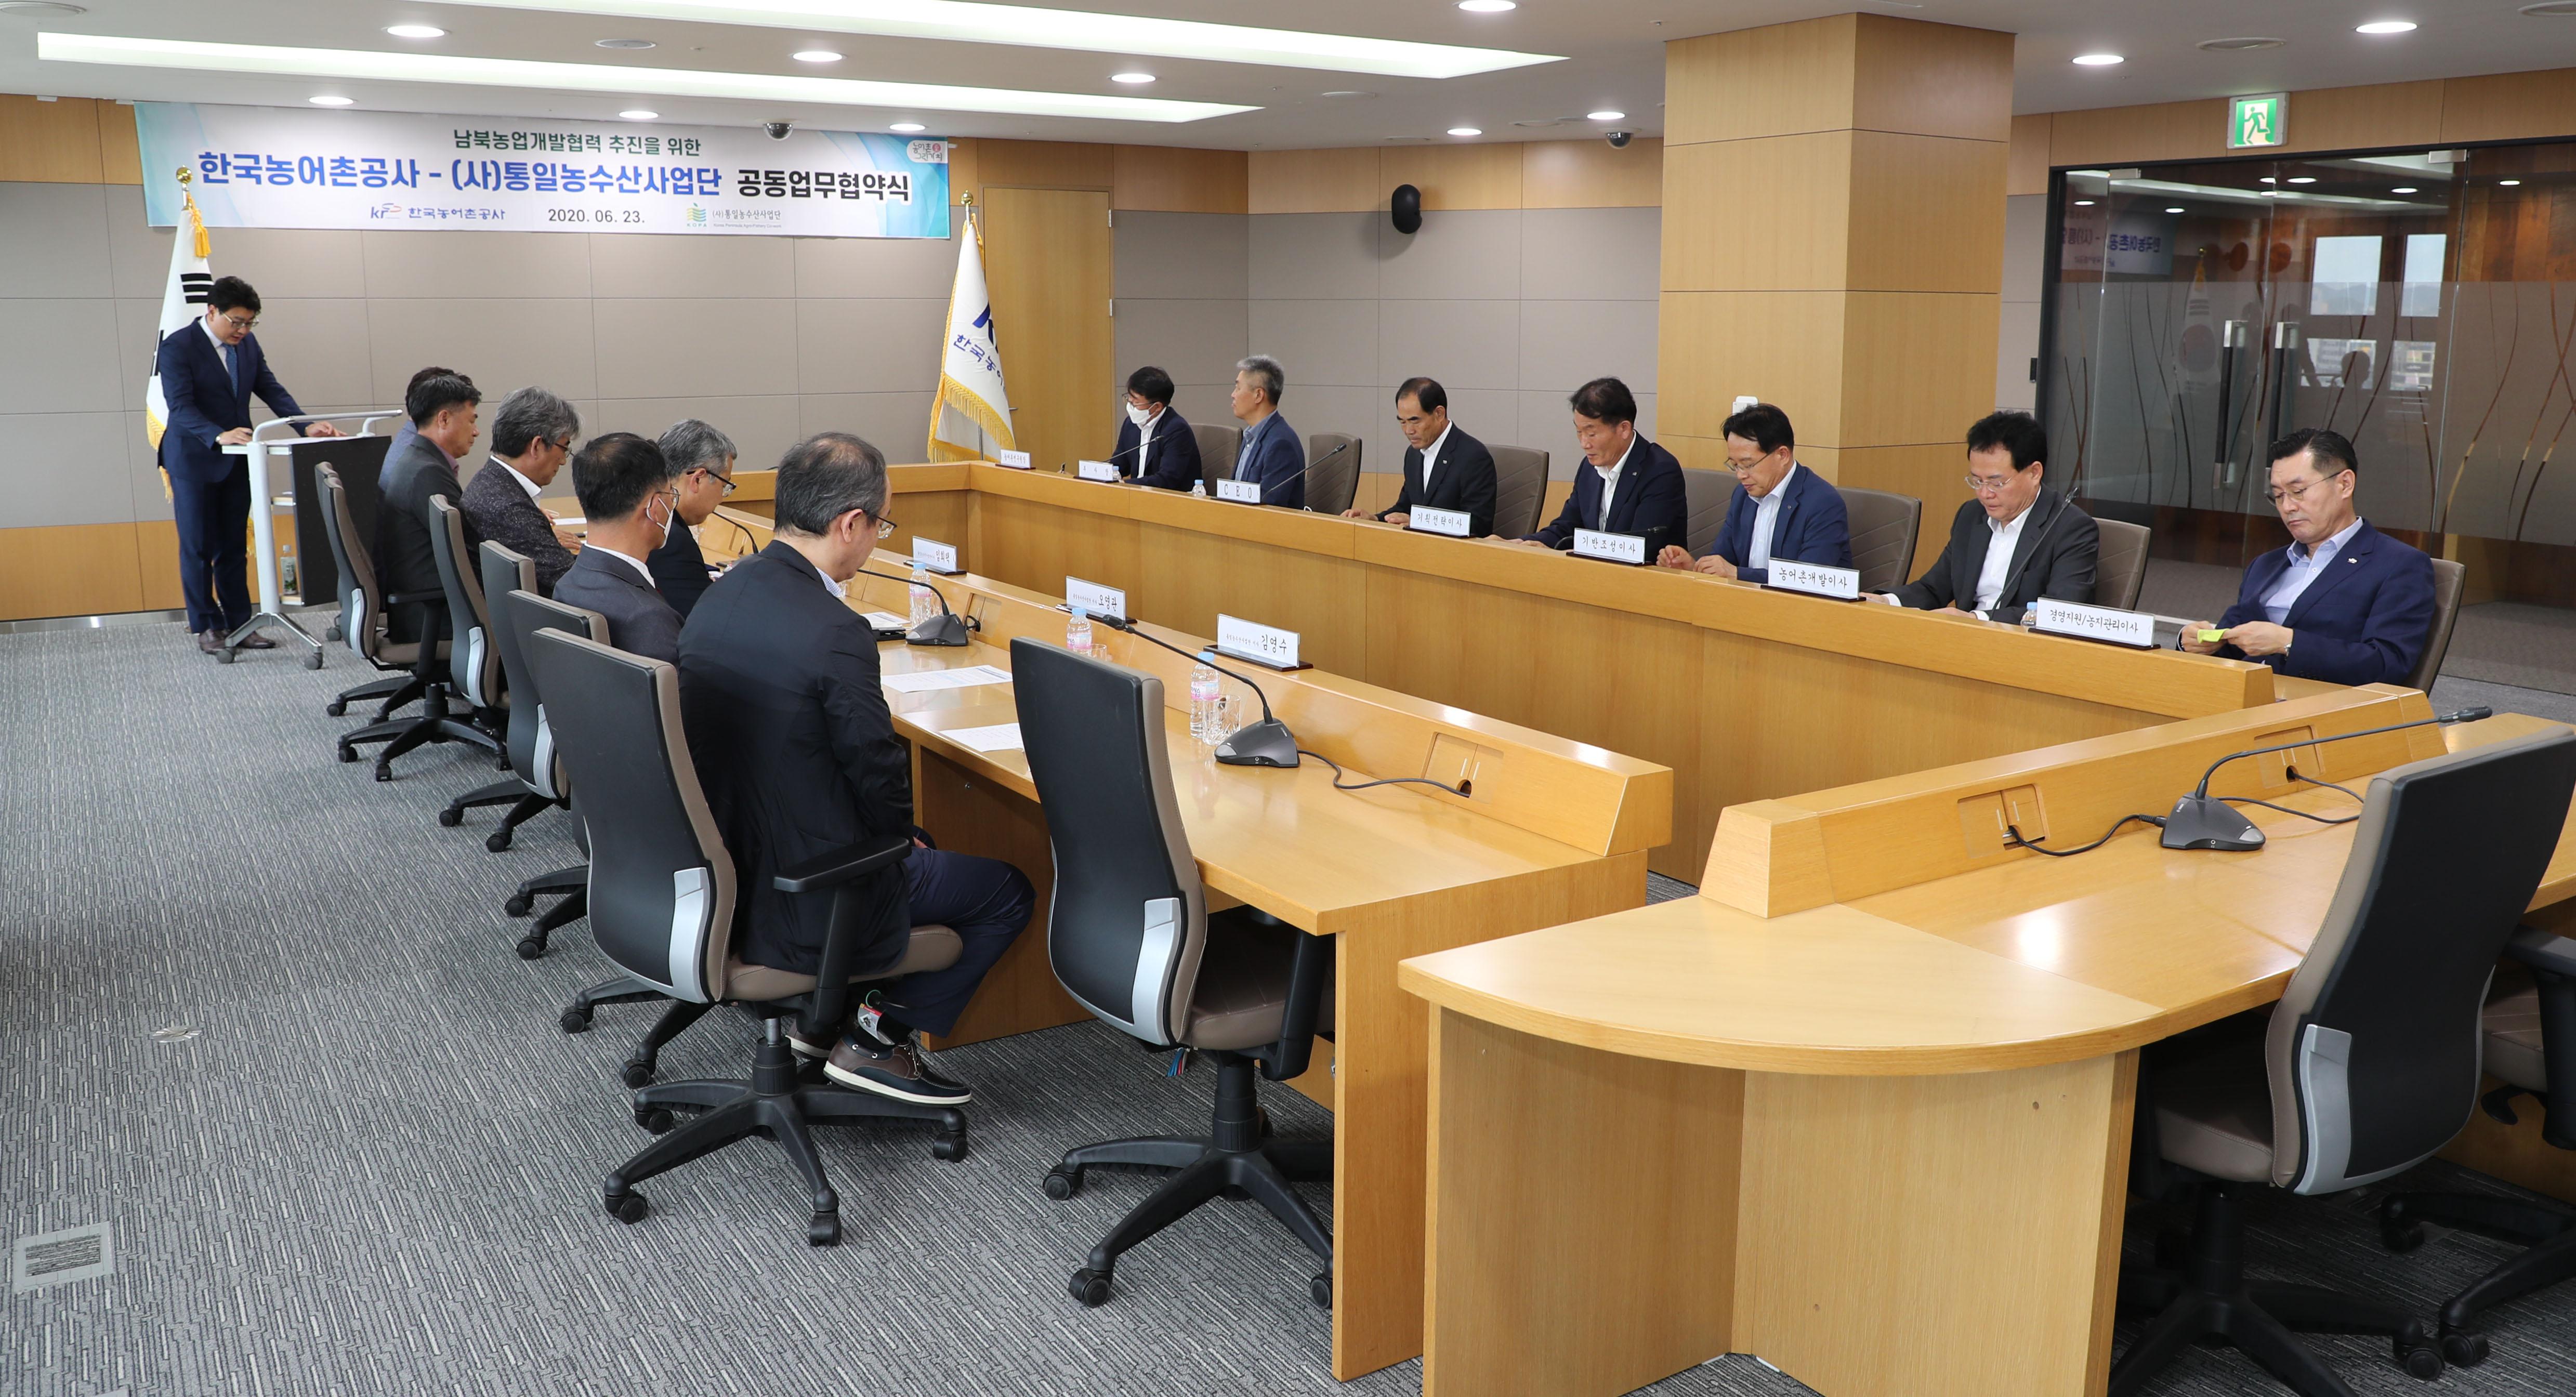 한국농어촌공사 - (사)통일농수산사업단 공동업무협약식 가져 - 3